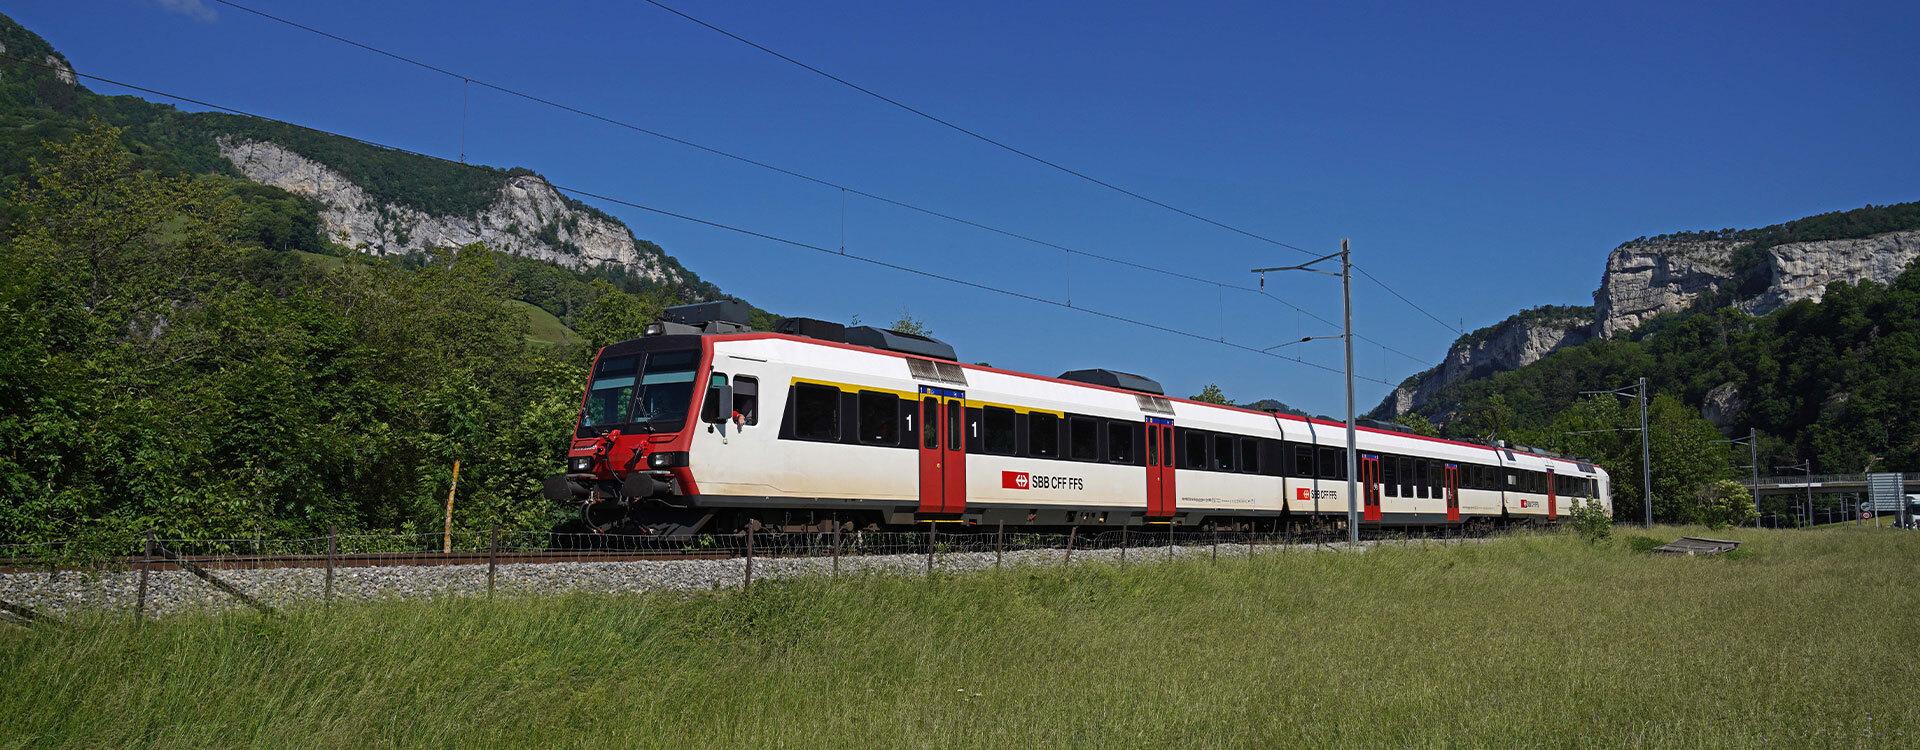 Regio Oensingen-Balsthal - Oensingen-Balsthal-Bahn AG